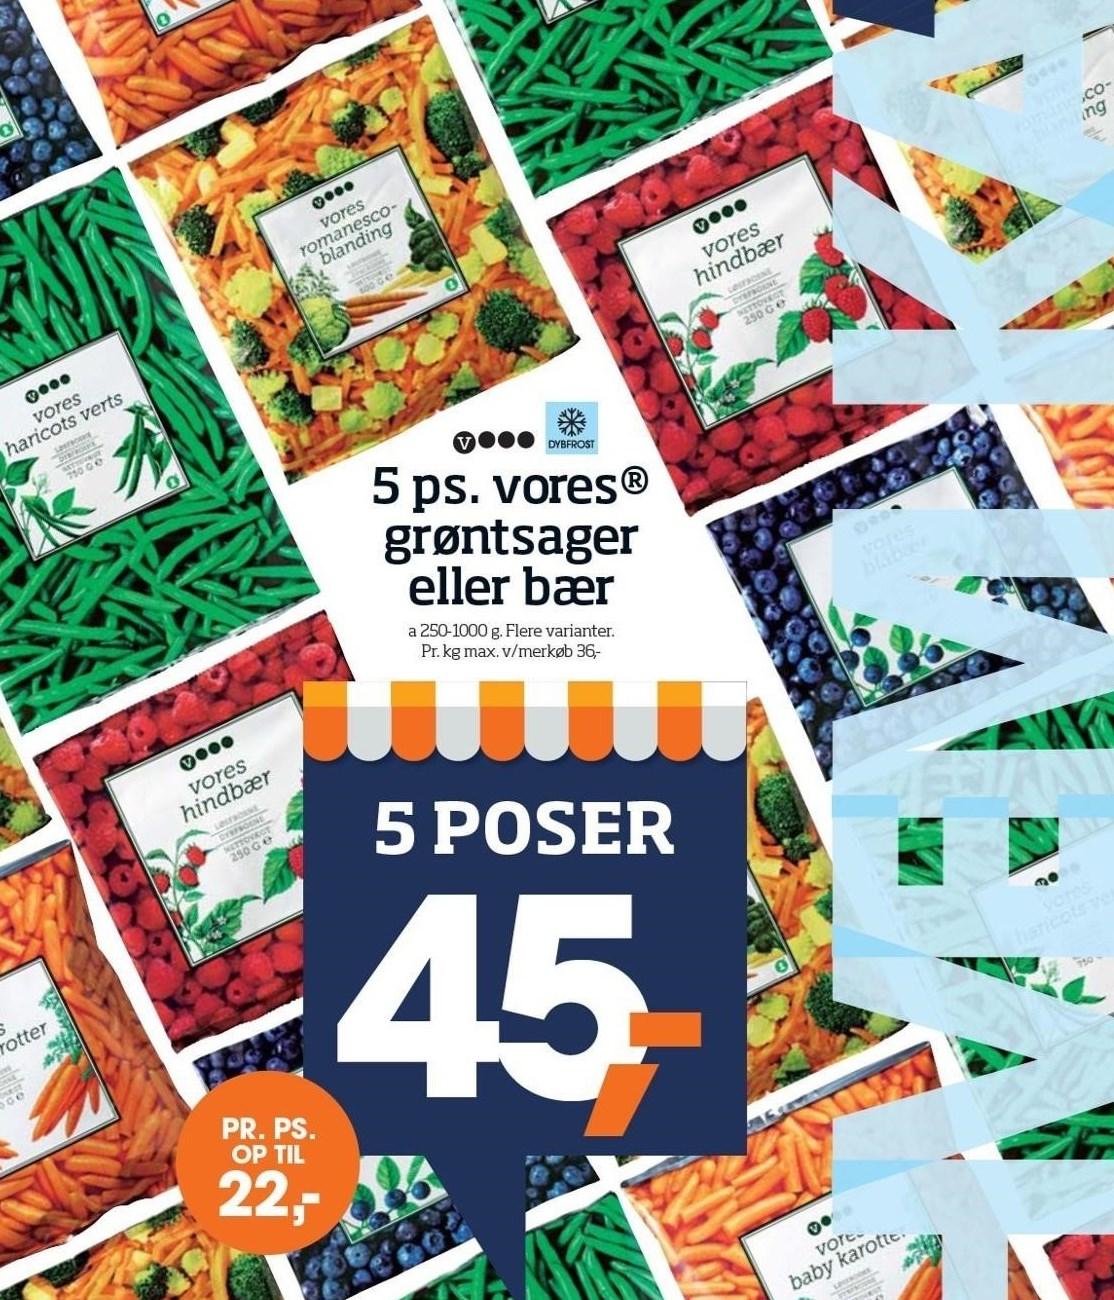 5 ps. vores grøntsager